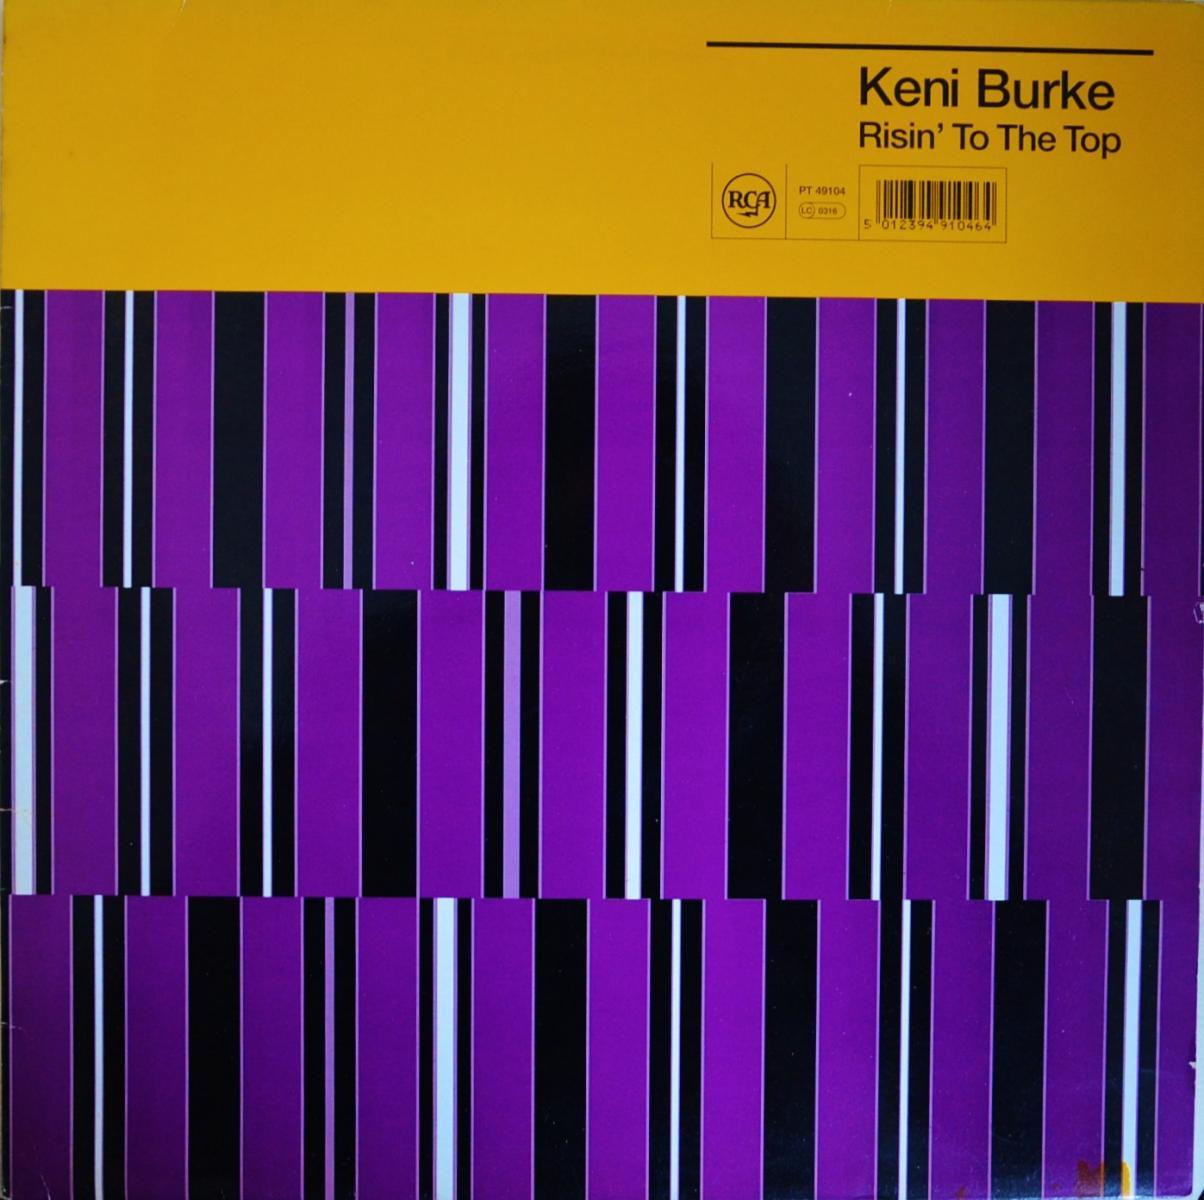 KENI BURKE / RISIN' TO THE TOP -UK (12